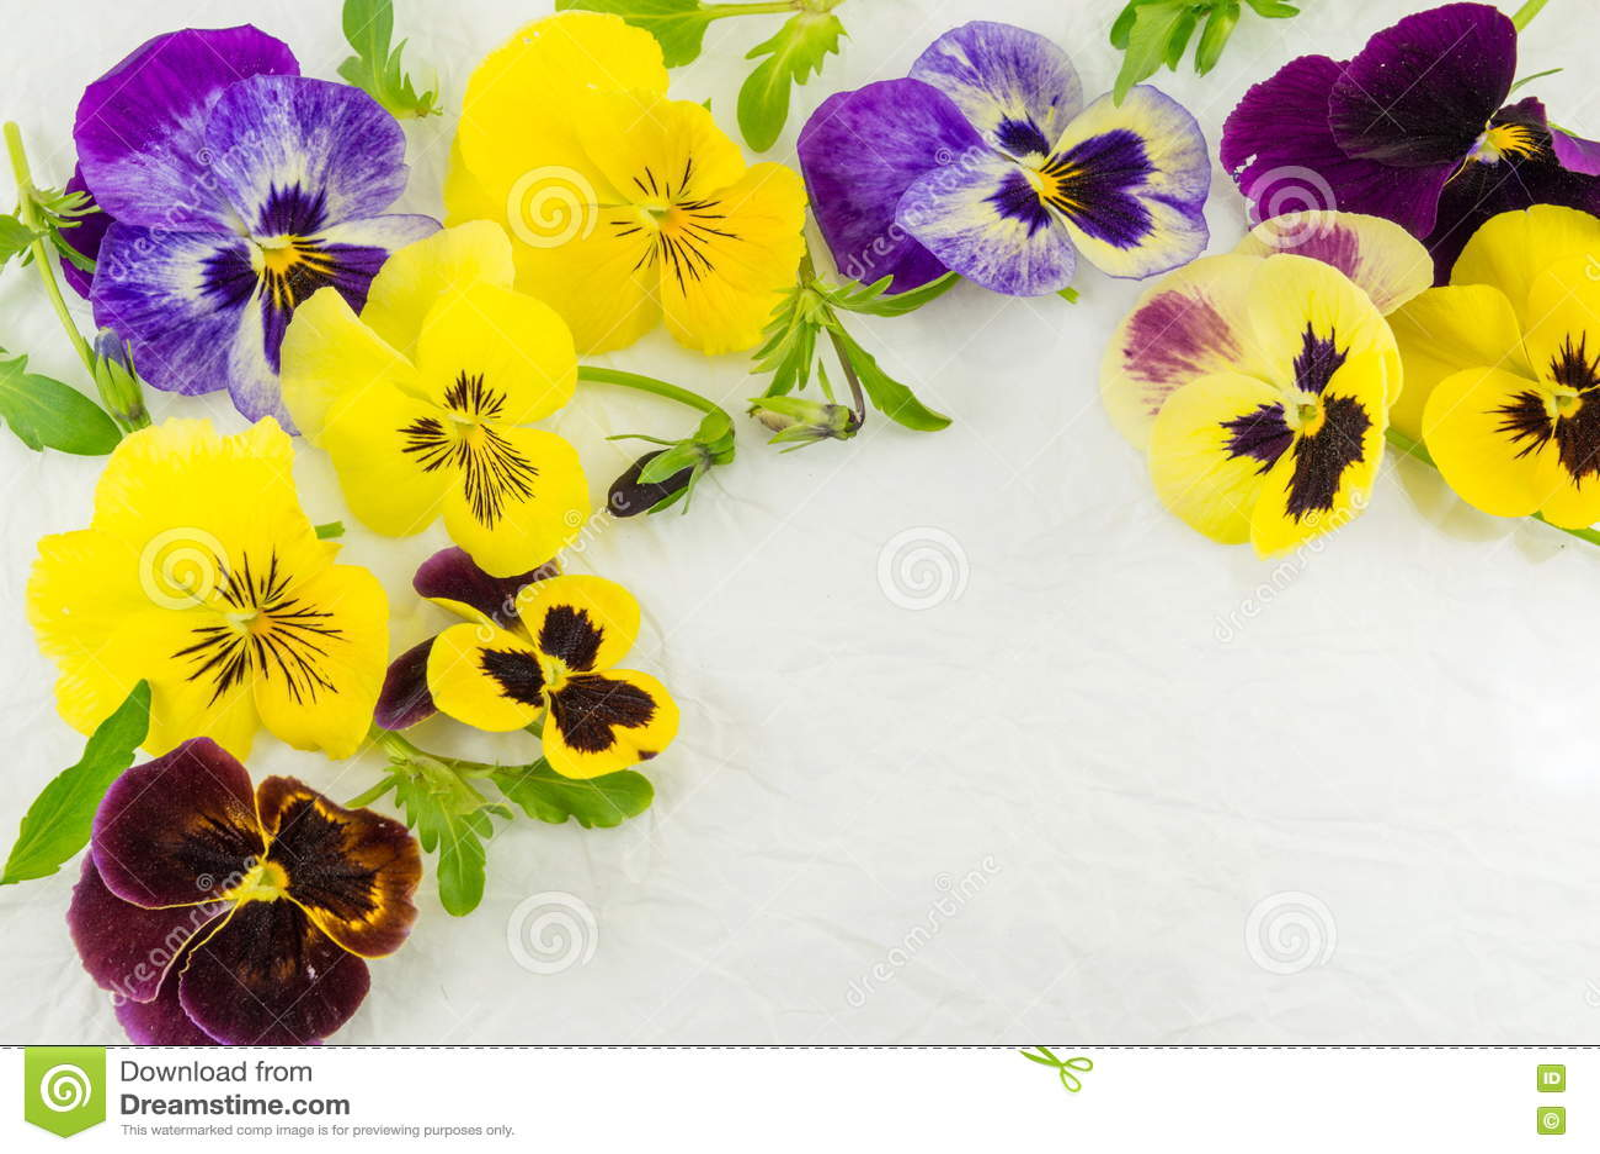 Fiori Viola Gialli.Fiori Gialli E Viola Immagine Stock Immagine Di Viola 73406799